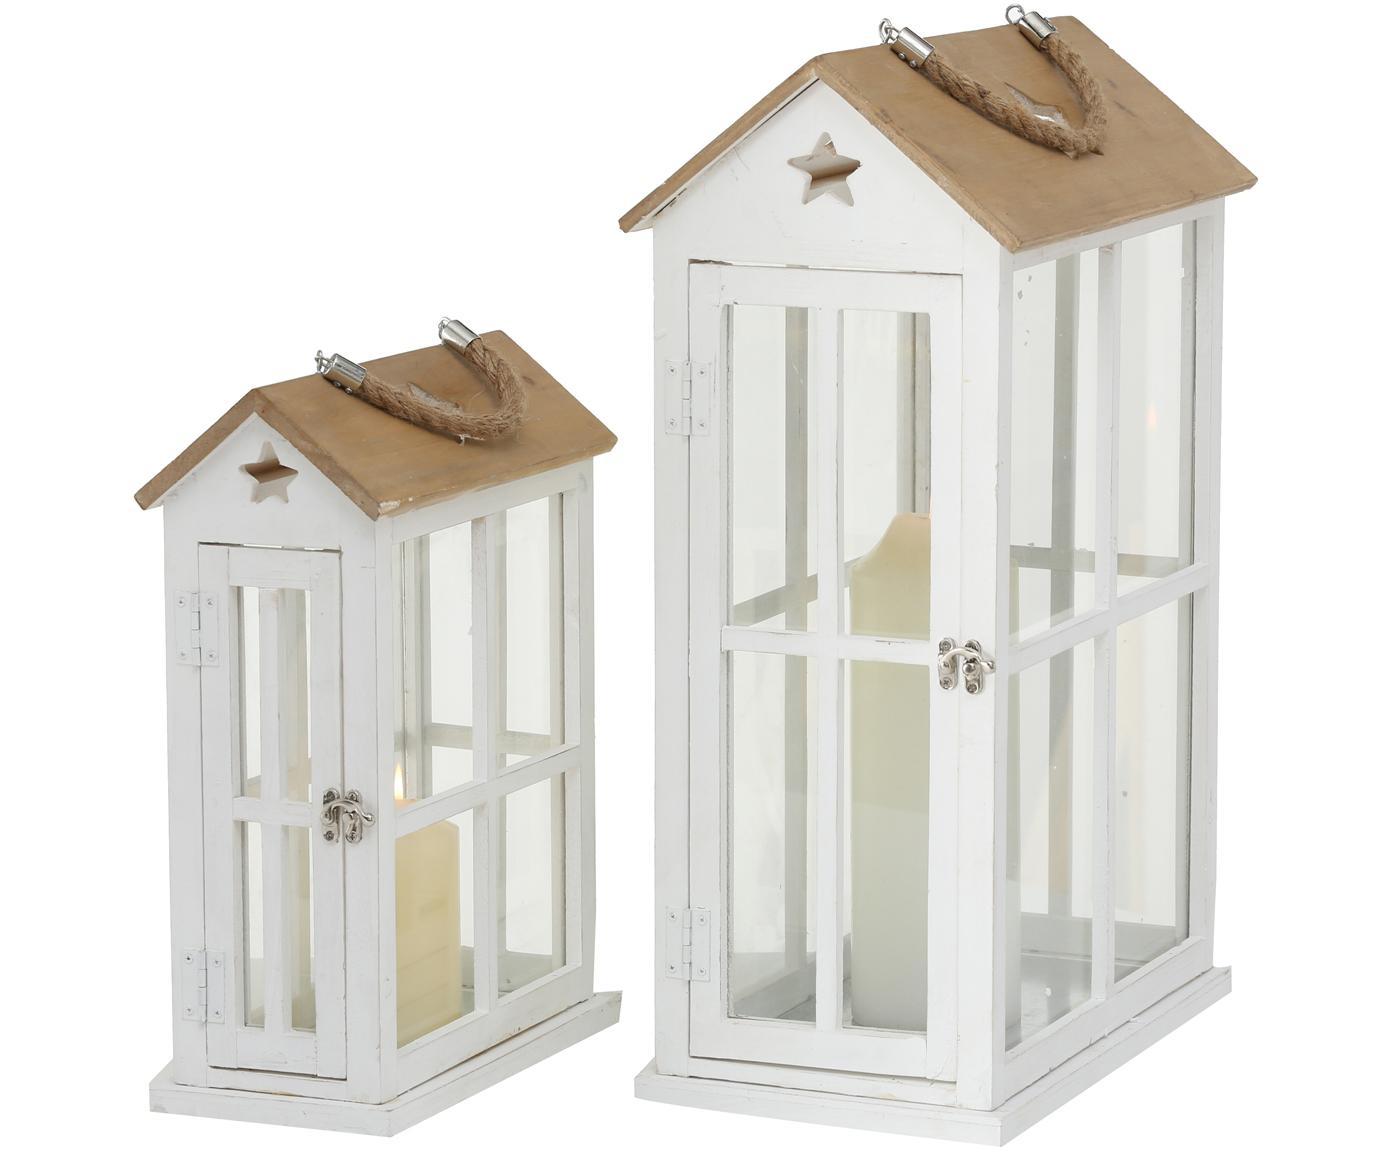 Lantaarnset Casa, 2-delig, Frame: gecoat sparrenhout, Wit, houtkleurig, Verschillende formaten